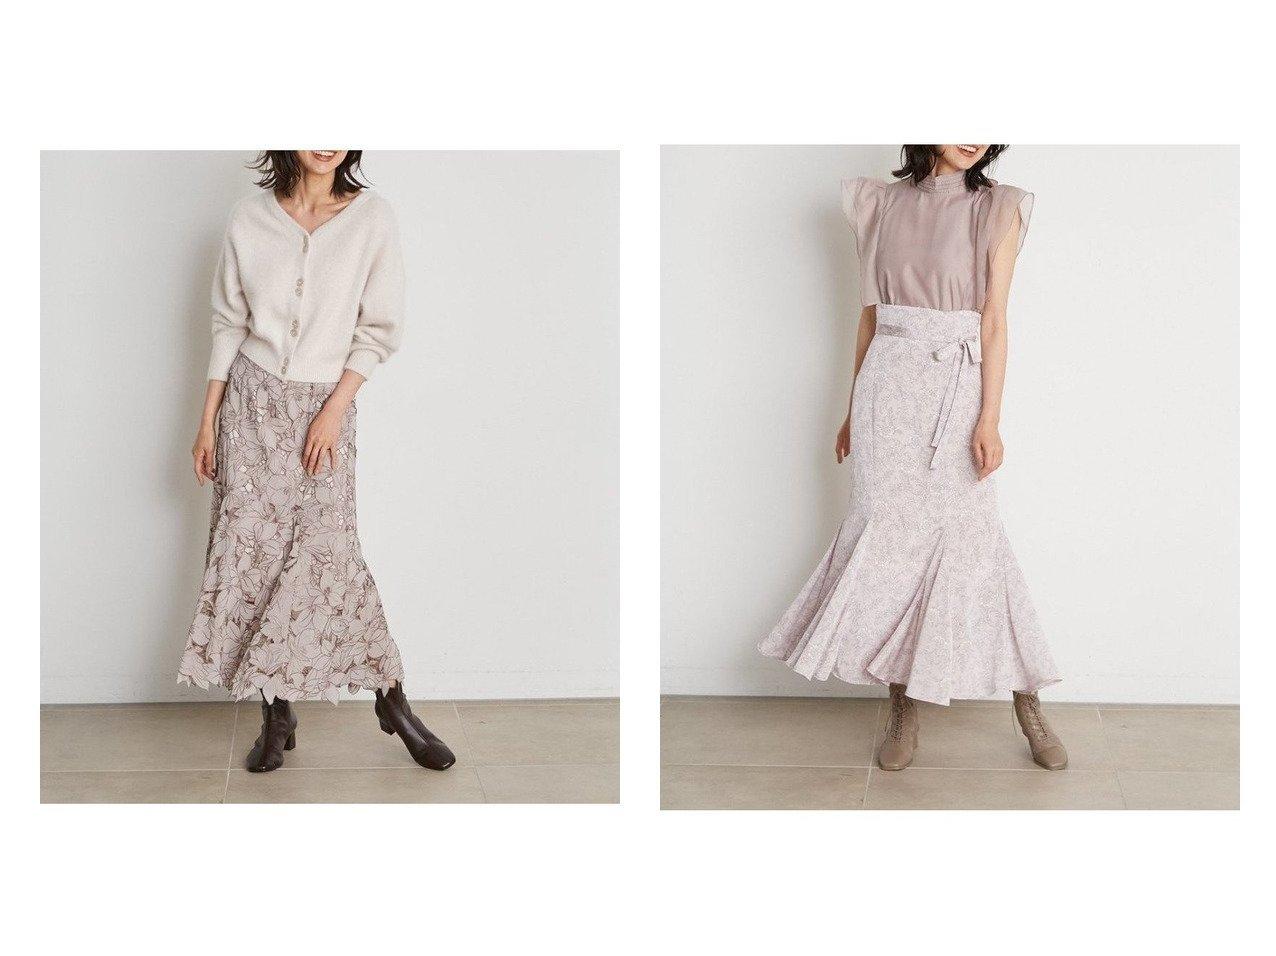 【SNIDEL/スナイデル】のハイウエストマーメイドプリントスカート&Sustainableカッティングレーススカート 【スカート】おすすめ!人気、トレンド・レディースファッションの通販 おすすめで人気の流行・トレンド、ファッションの通販商品 インテリア・家具・メンズファッション・キッズファッション・レディースファッション・服の通販 founy(ファニー) https://founy.com/ ファッション Fashion レディースファッション WOMEN スカート Skirt ロングスカート Long Skirt エレガント パターン フォーマル フレア マーメイド ロング 人気 プリント 定番 Standard |ID:crp329100000065649